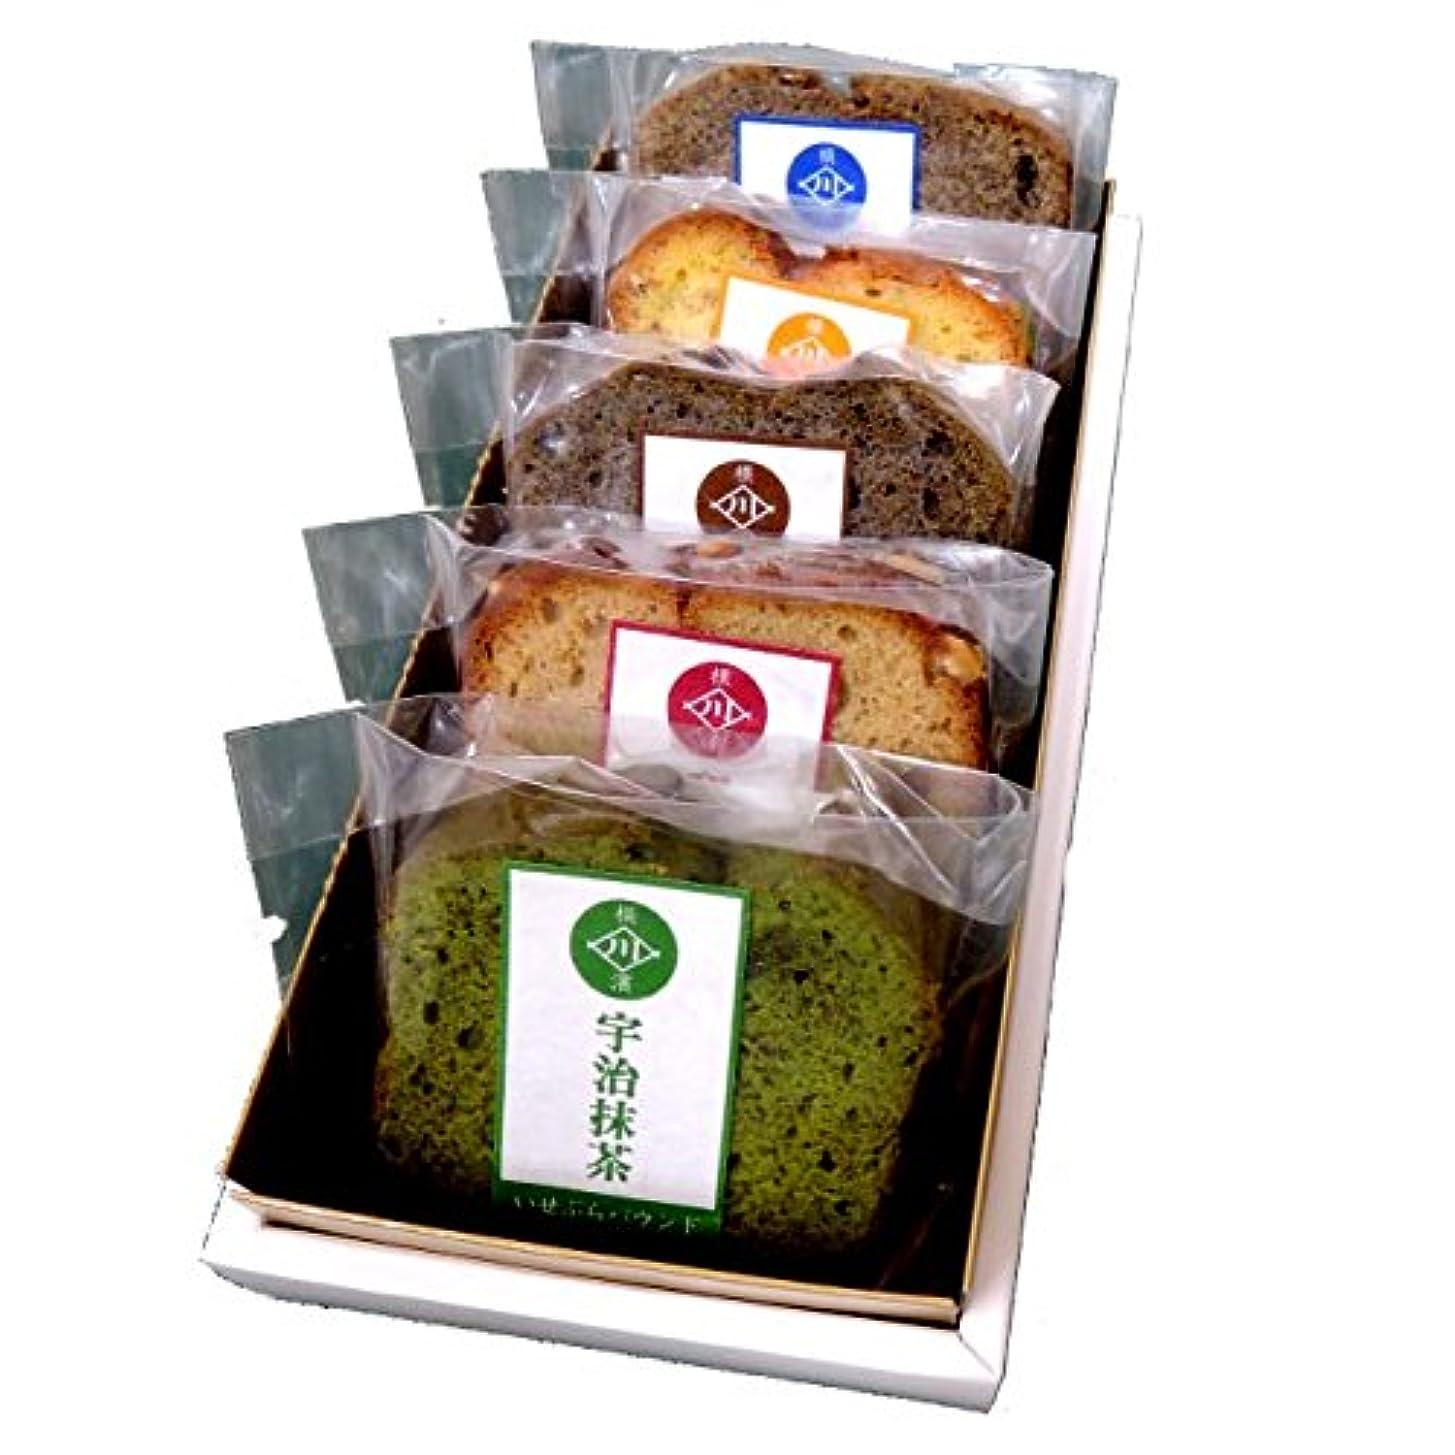 ロマンチック率直なミニチュア川本屋 いせぶらパウンドケーキ 5個セット 店長おまかせセット 誕生日ギフト